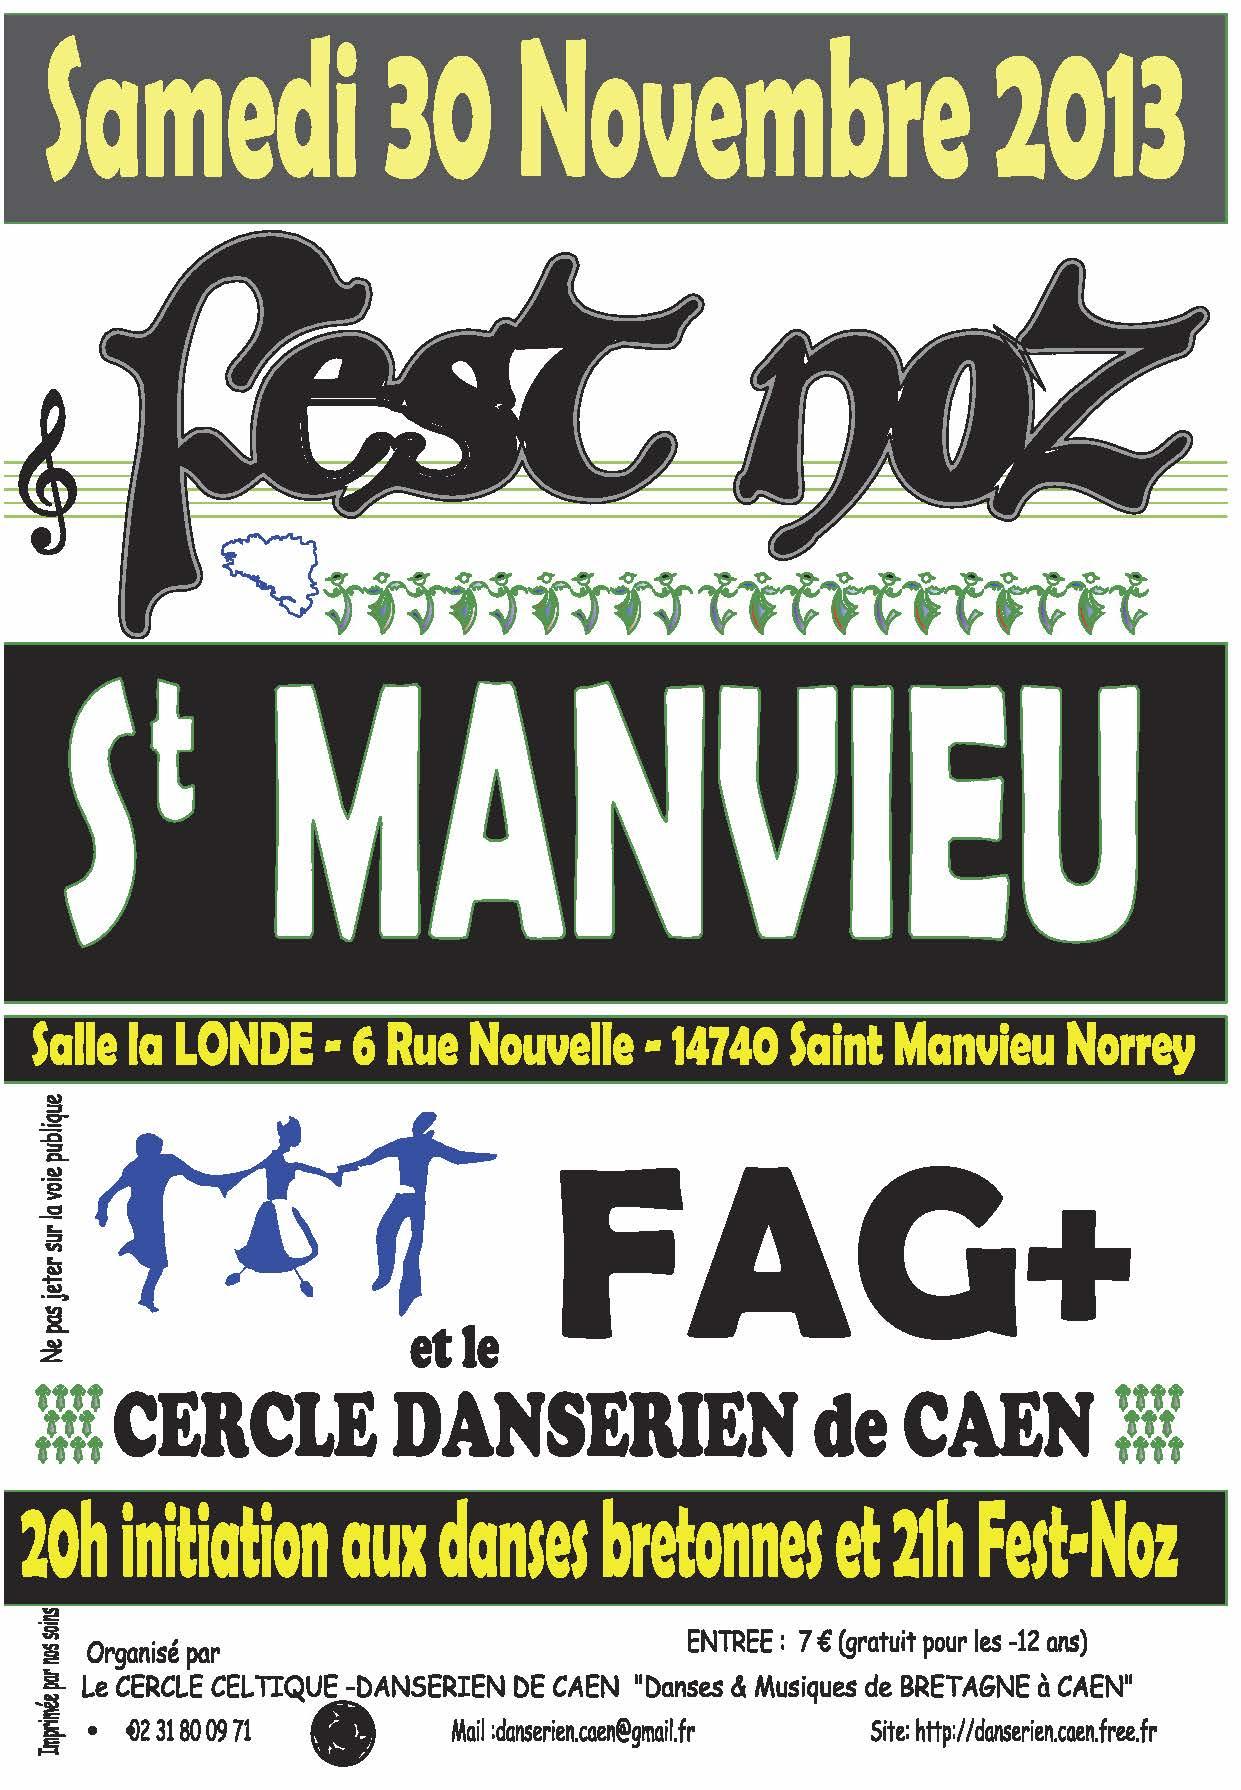 Affiche Fest-noz  à Saint-Manvieu-Norrey